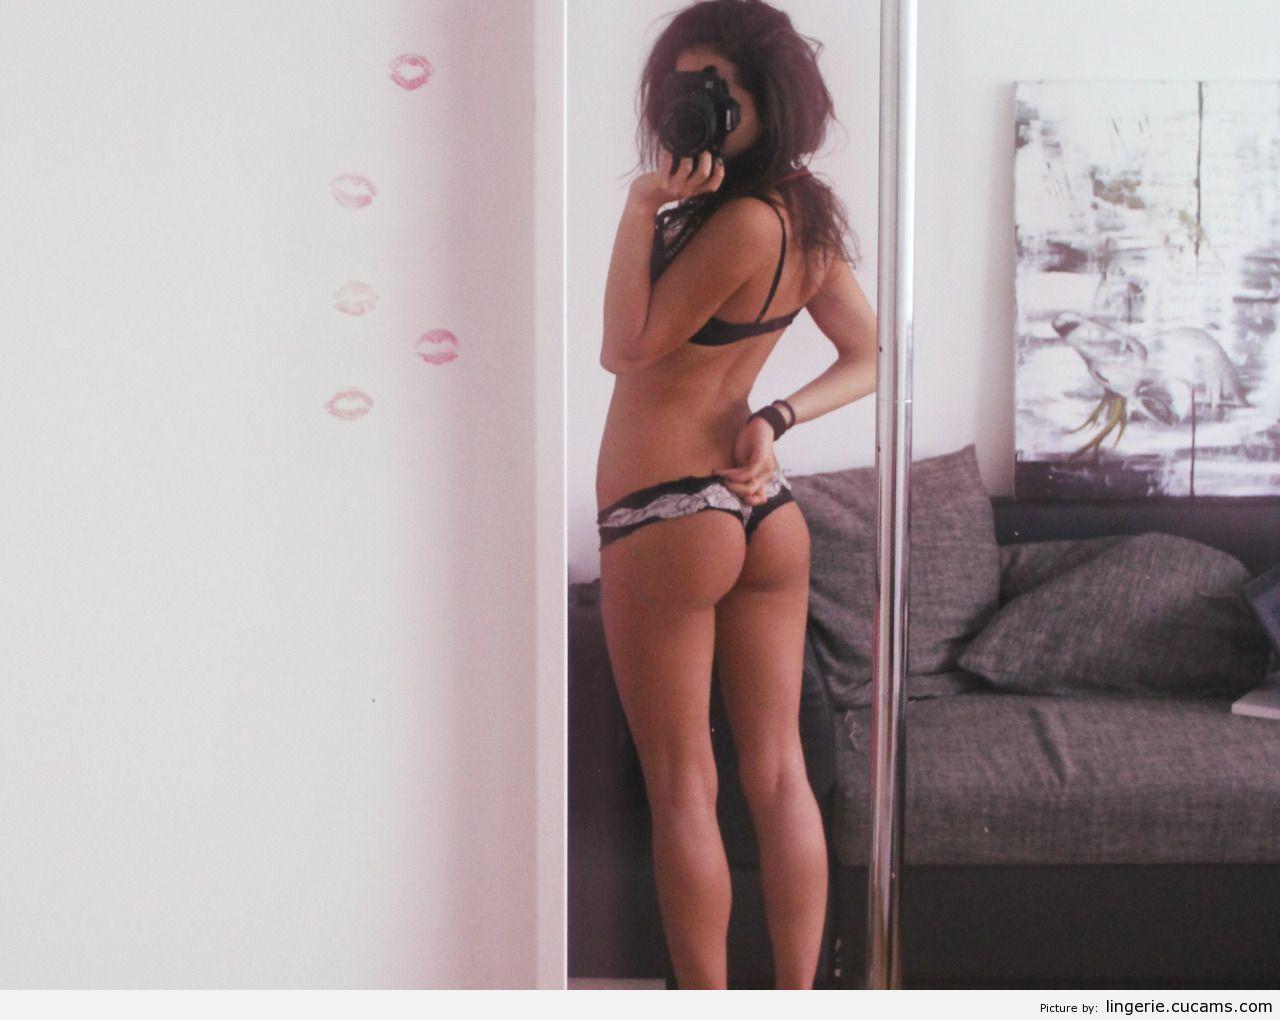 Lingerie Adult Tease by lingerie.cucams.com